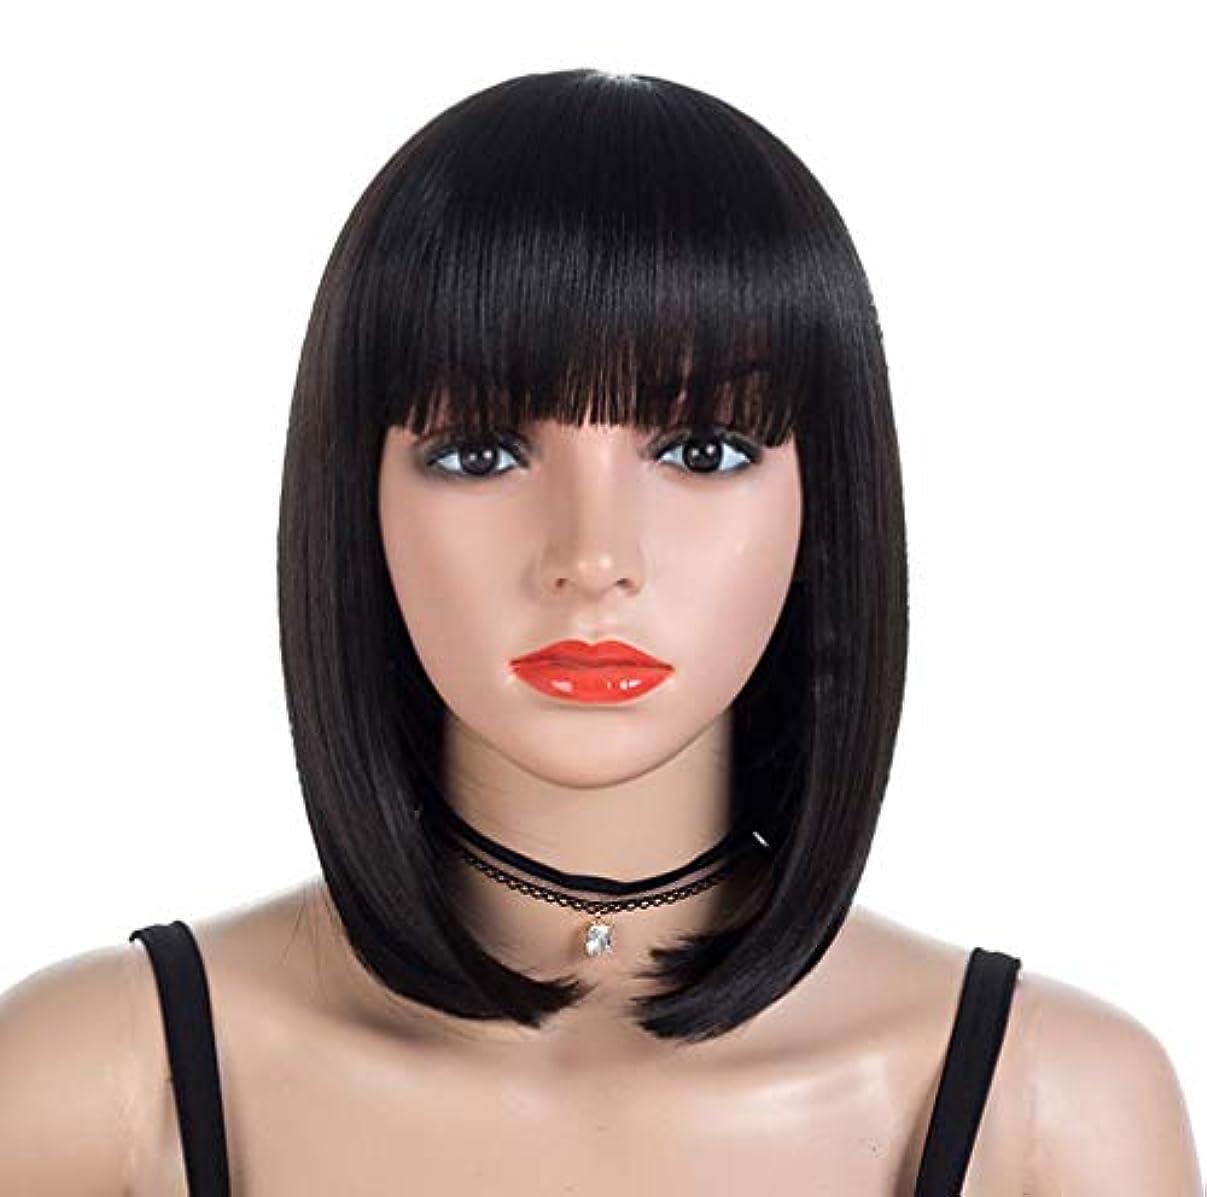 知的ダブル鉄女性の180%密度かつら合成ボブショートウィッグ耐熱コスプレパーティーヘアウィッグブラック35cm